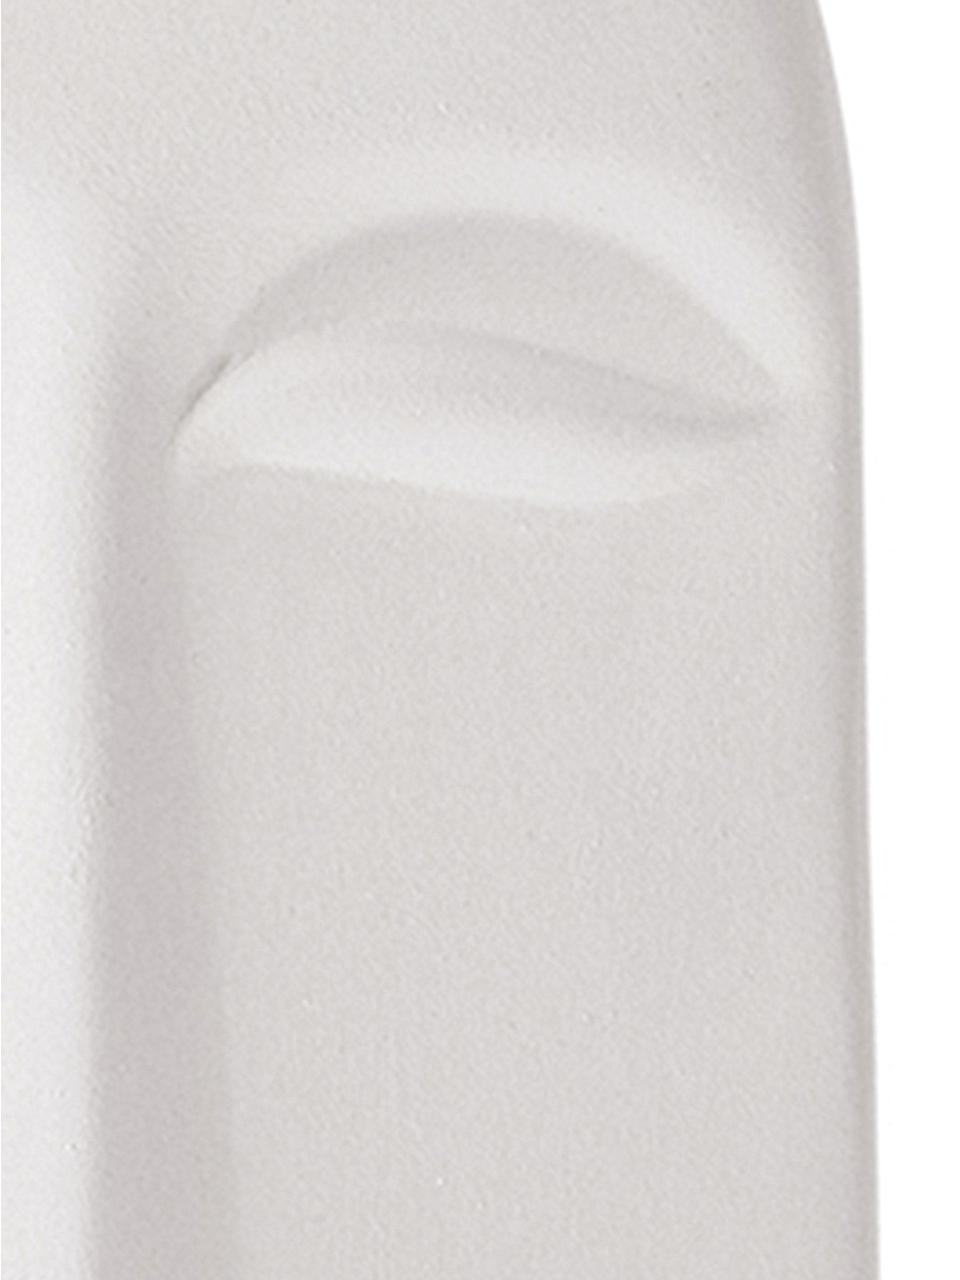 Wandobjekt Mask aus Keramik, Keramik, Weiß, B 13 x T 24 cm